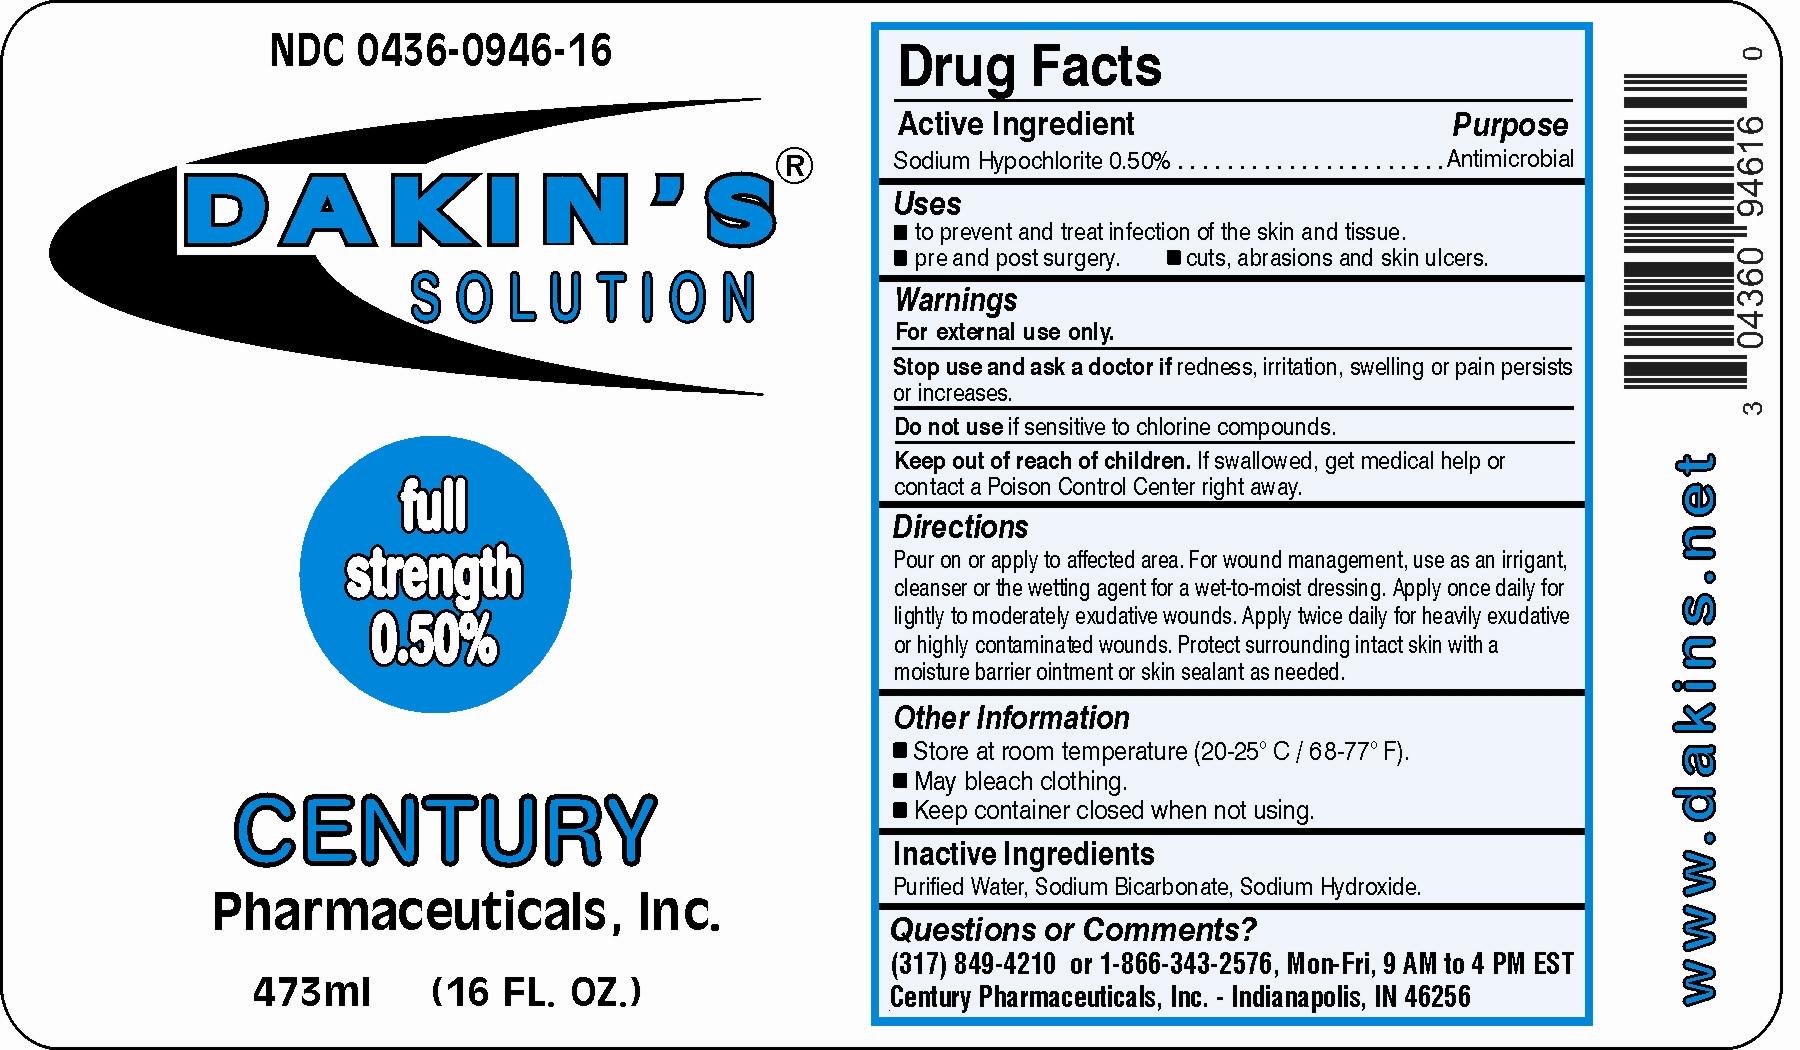 Dakins Full (Sodium Hypochlorite) Solution [Century Pharmaceuticals, Inc.]